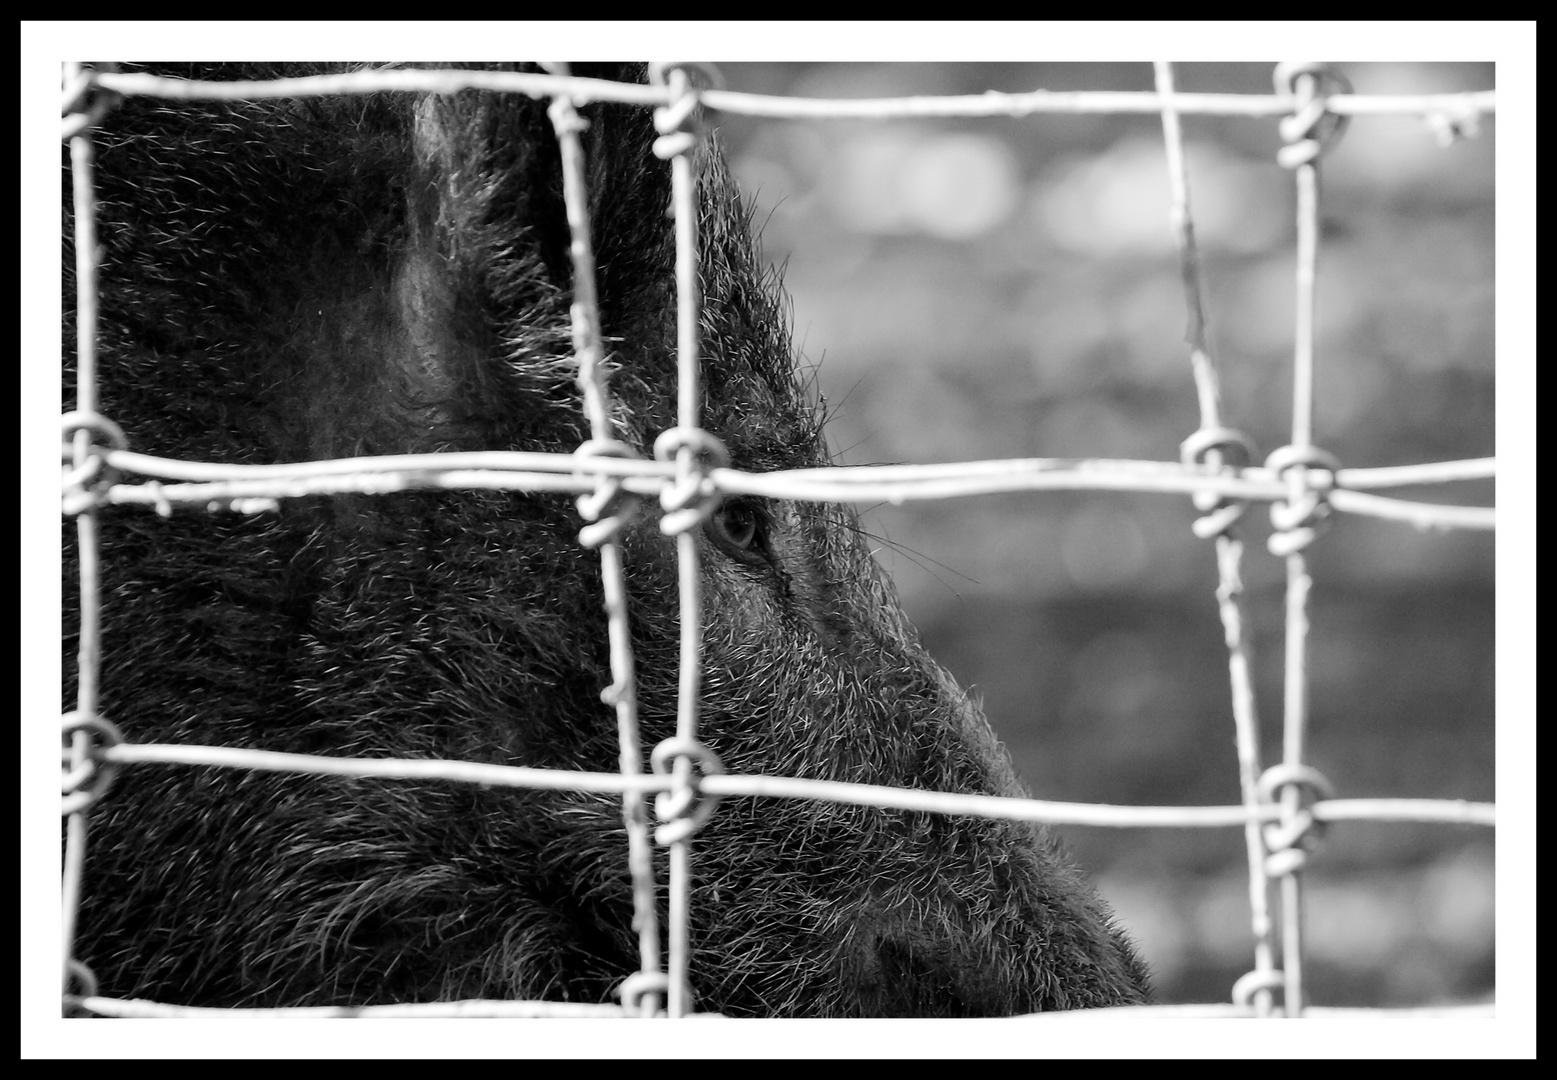 Wildschwein hinter Gitter